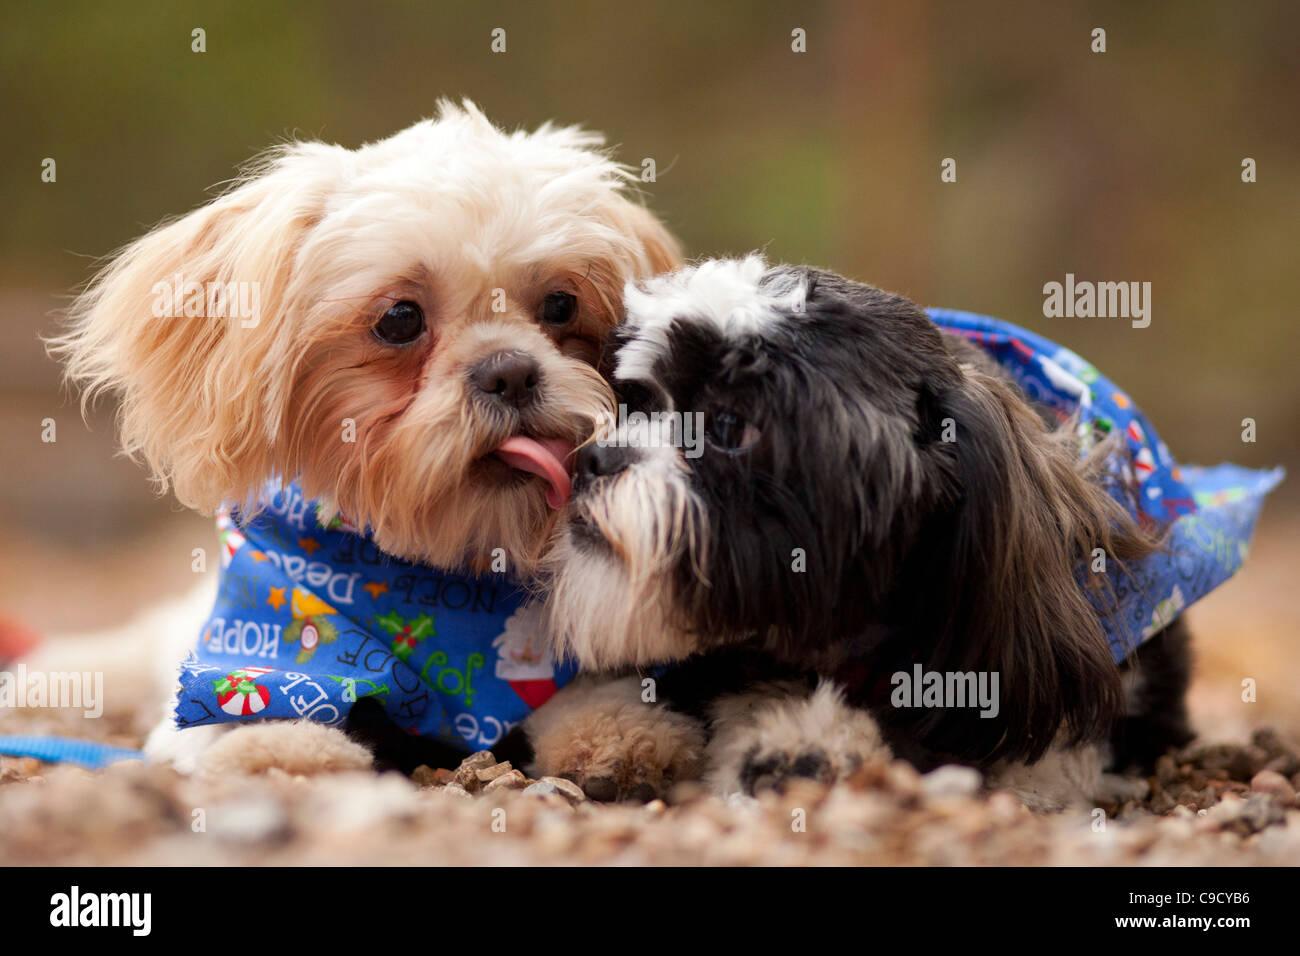 Un cucciolo Shih-Tzu dà la lettiera mate un bacio. Immagini Stock